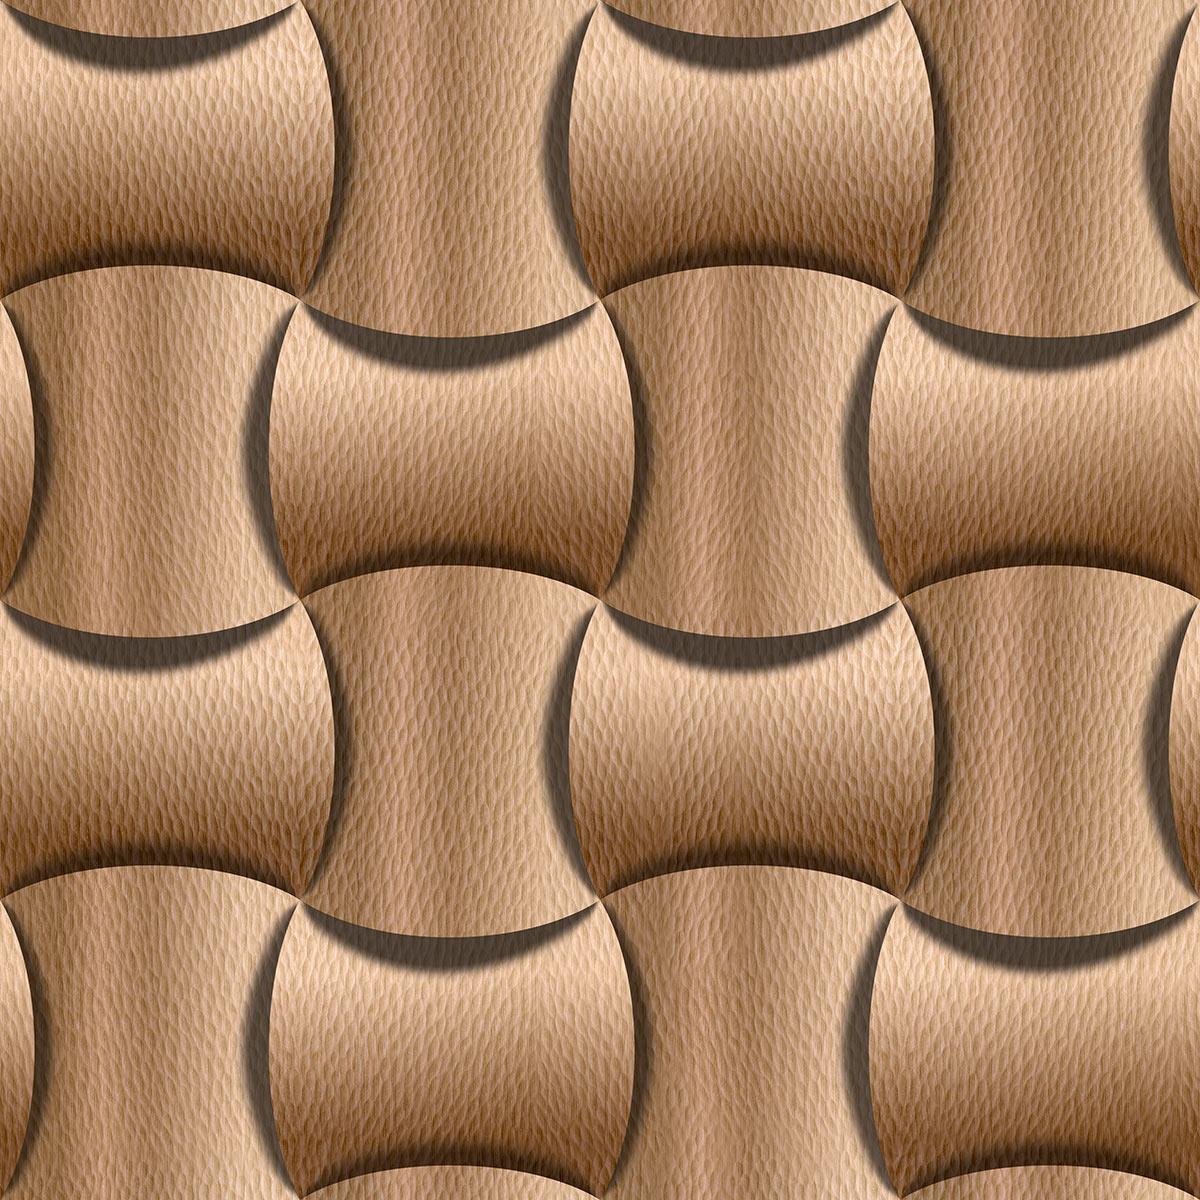 Papel de Parede Geométrico 3D Aspecto Couro Zig Zag Adesivo